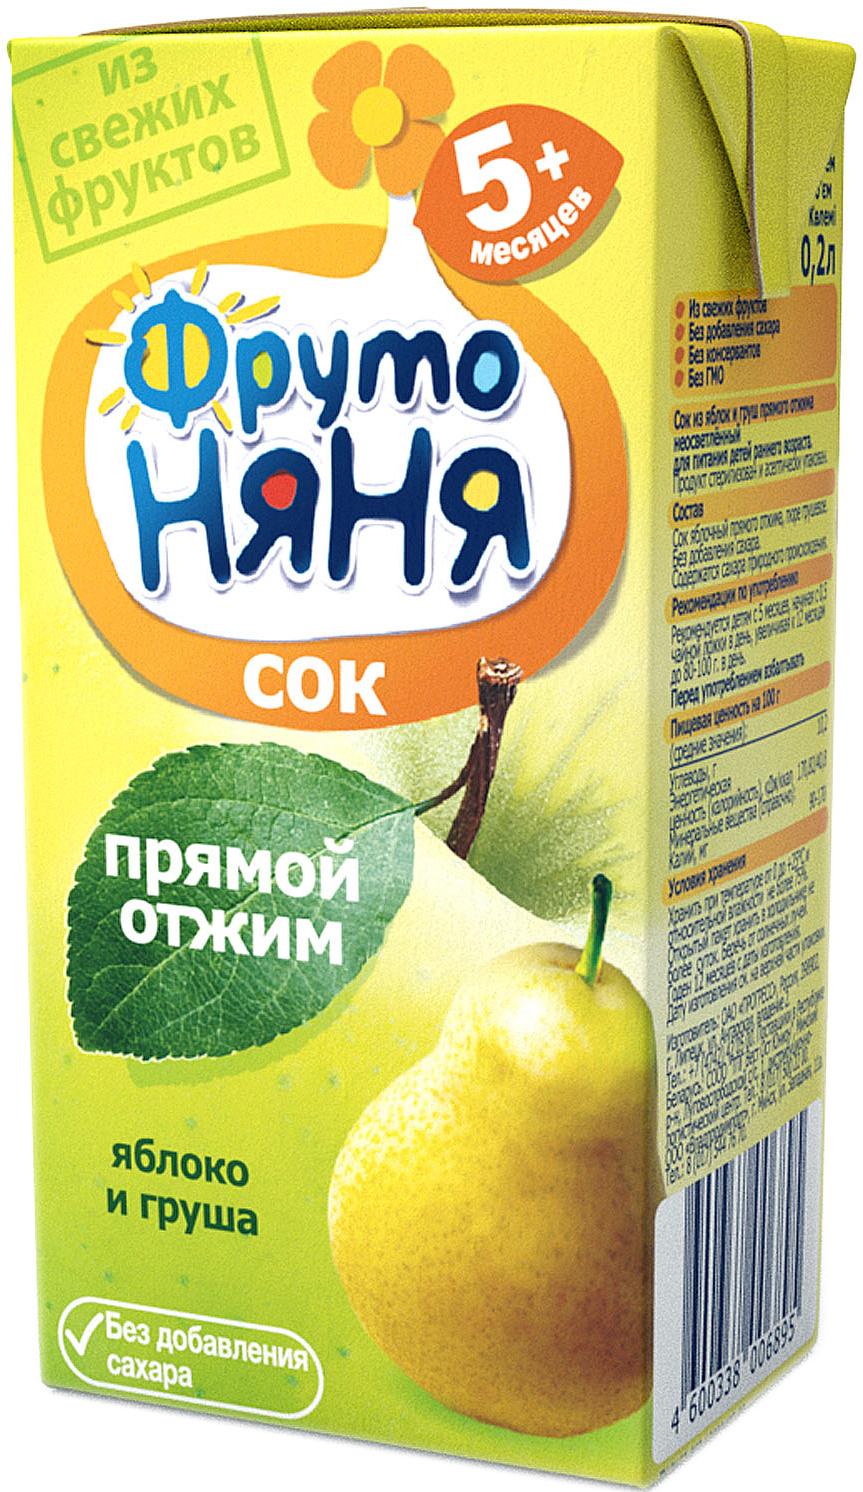 Купить Напитки, ФрутоНяня Яблоко и груша прямой отжим с 5 мес. 200 мл, Фрутоняня, Россия